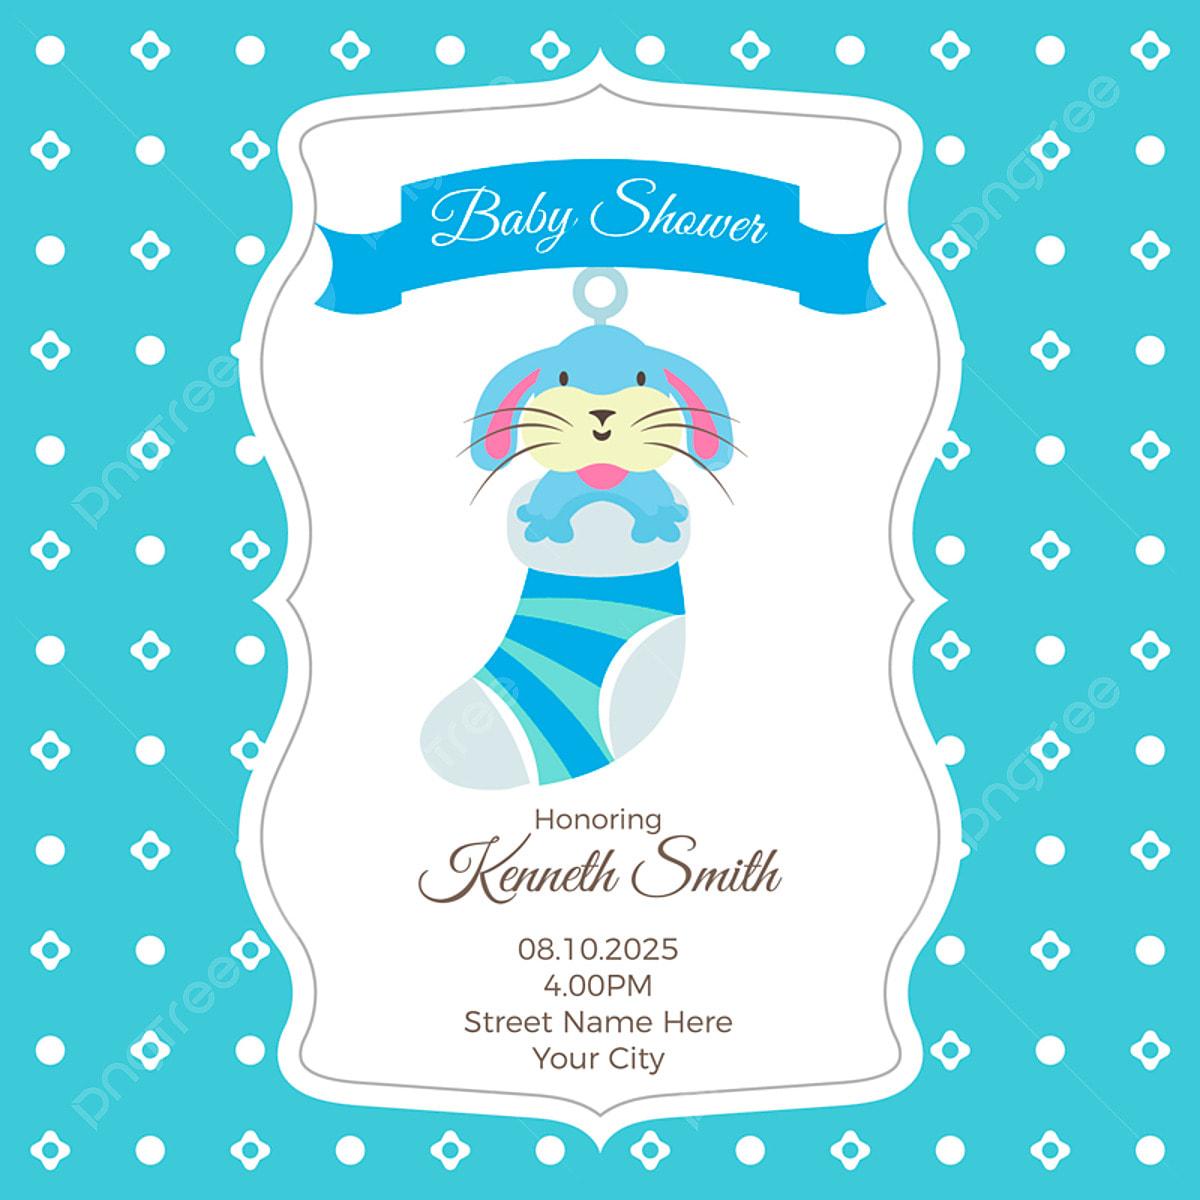 استحمام الطفل بطاقة قالب مع الأرنب Baby Shower Invitation